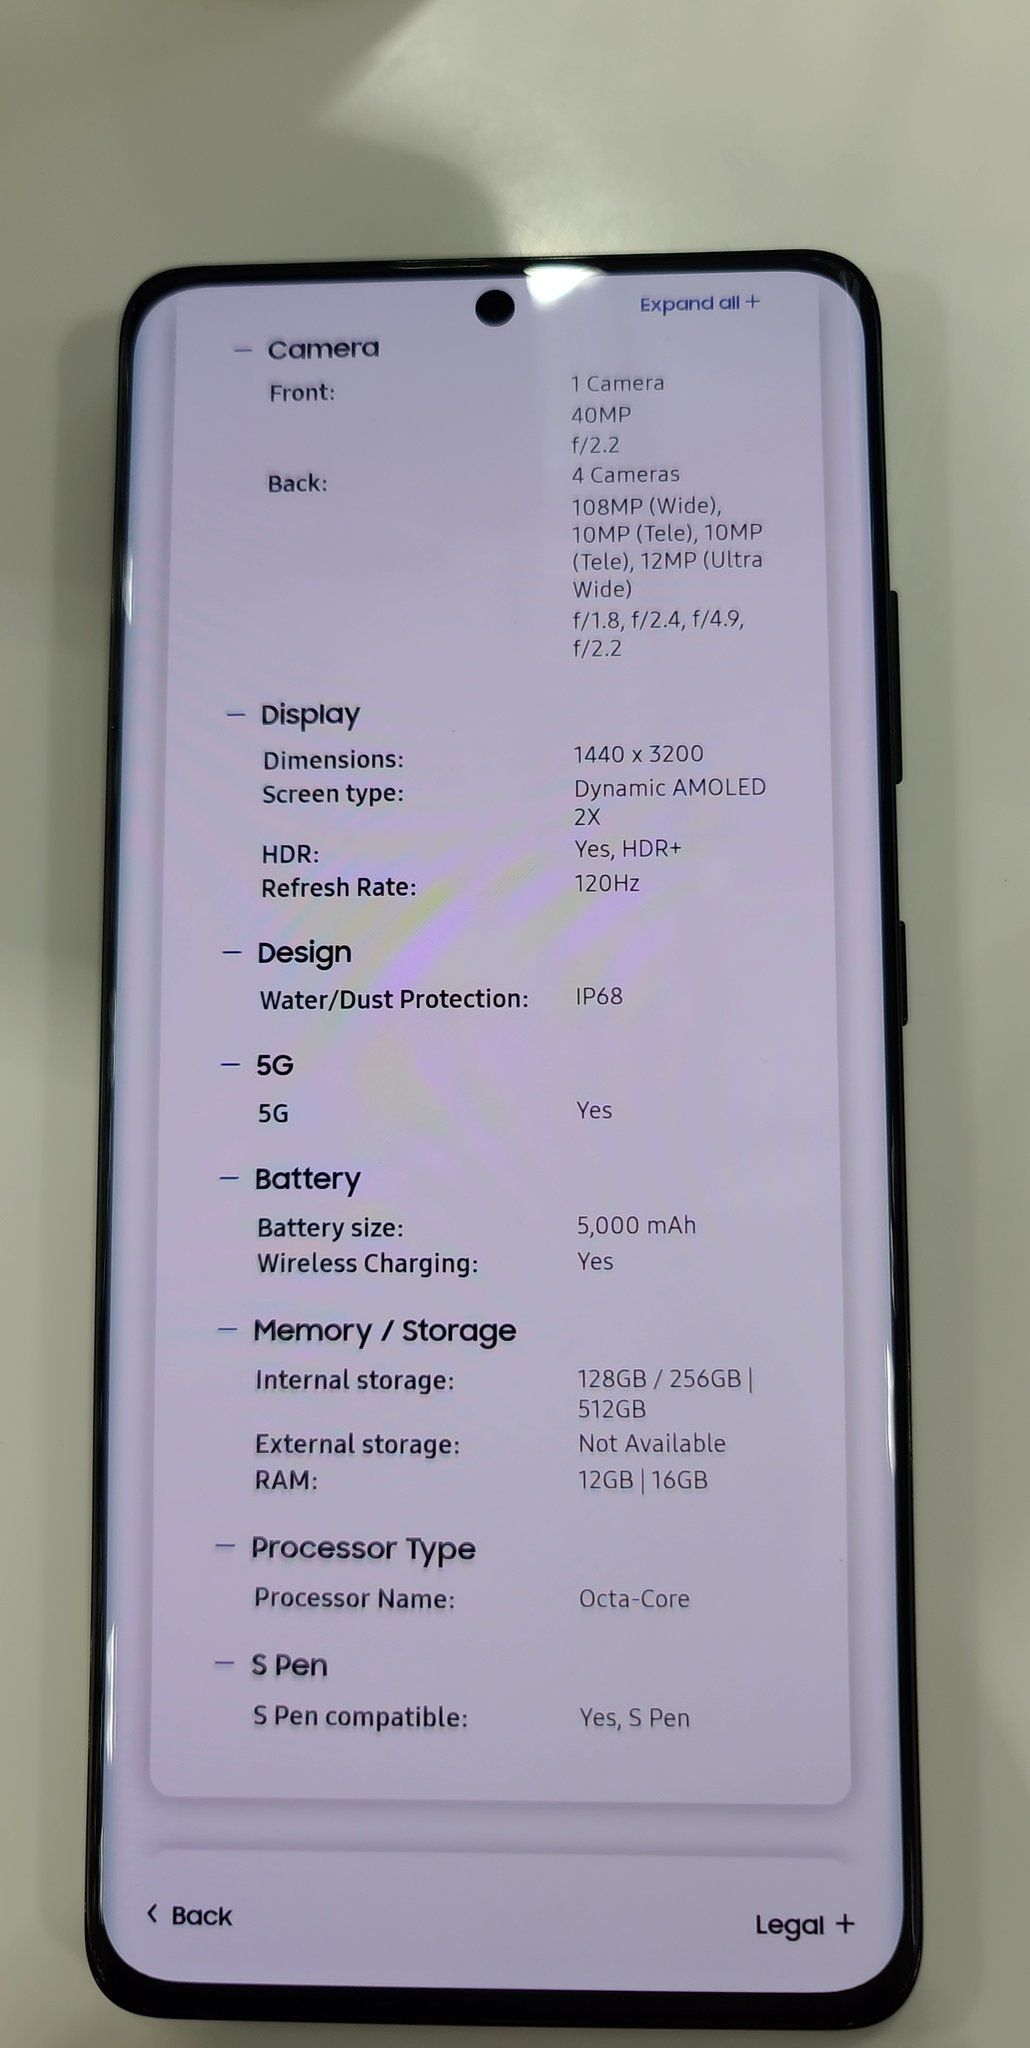 Καμαρώστε λίγο πριν την παρουσίασή τους τα νέα μοντέλα της σειράς Samsung Galaxy S21 που δεν θα δέχονται κάρτες microSD 7